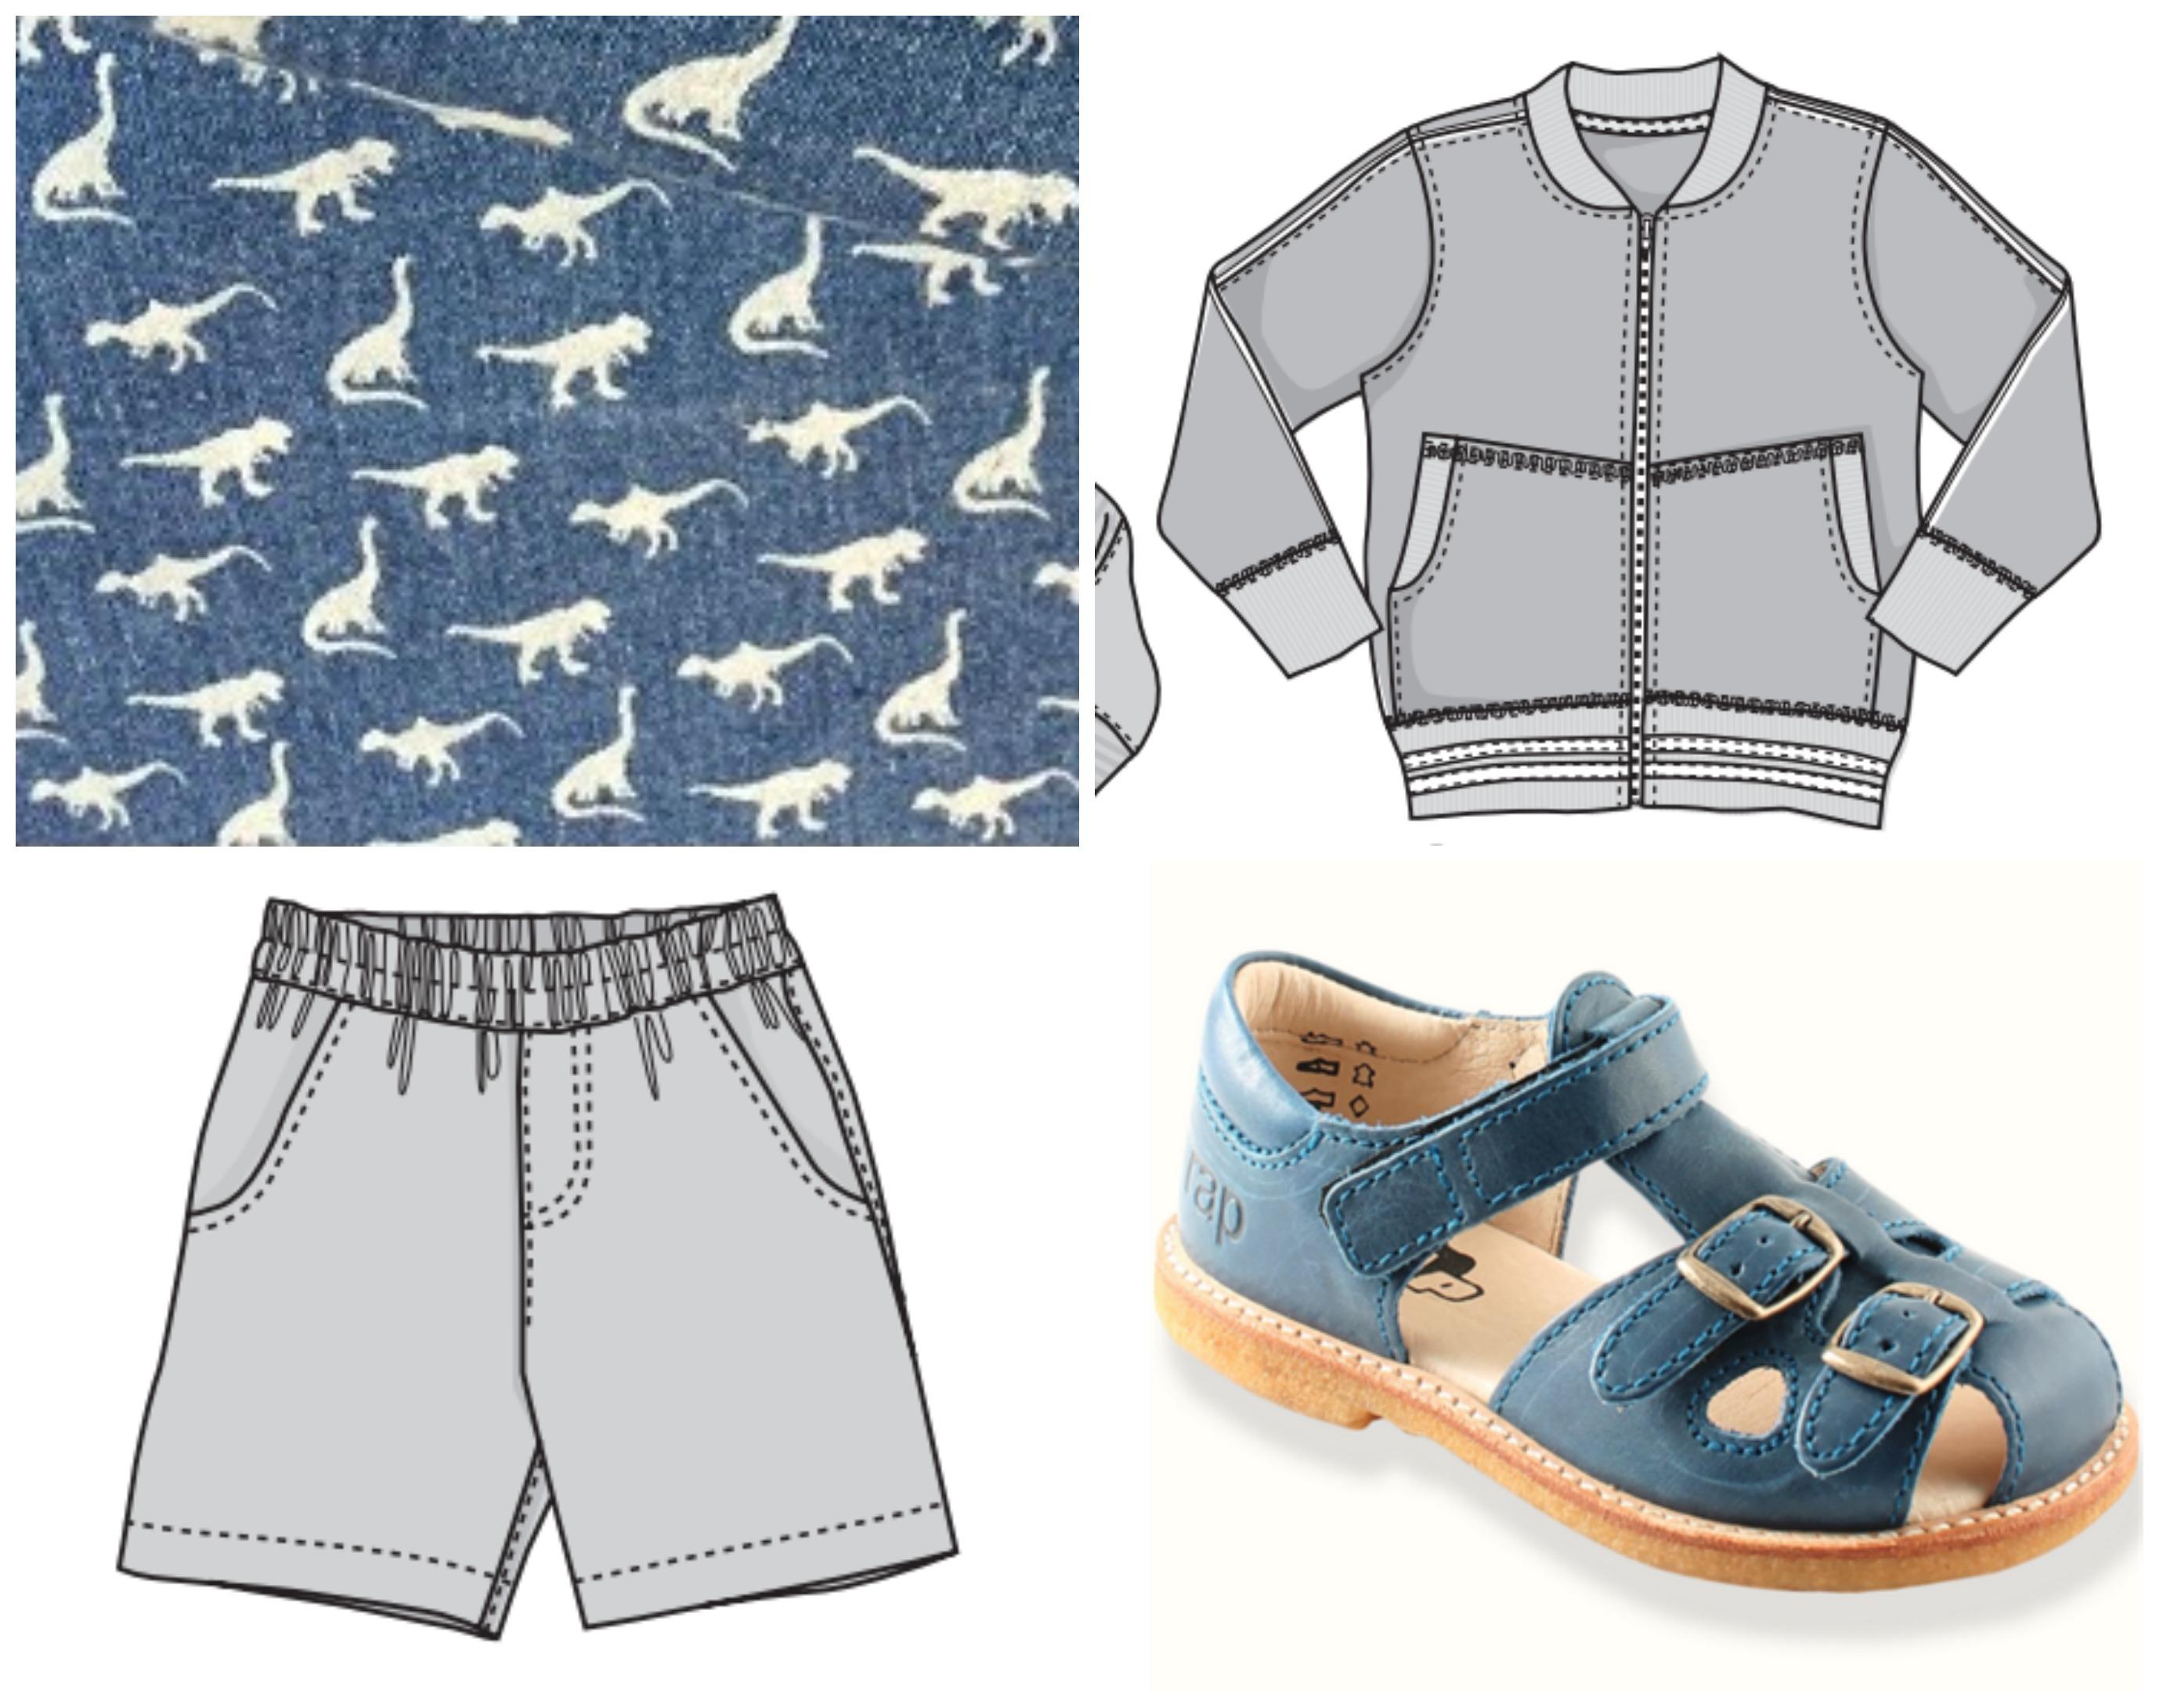 Sommertøj syprojekter 2016